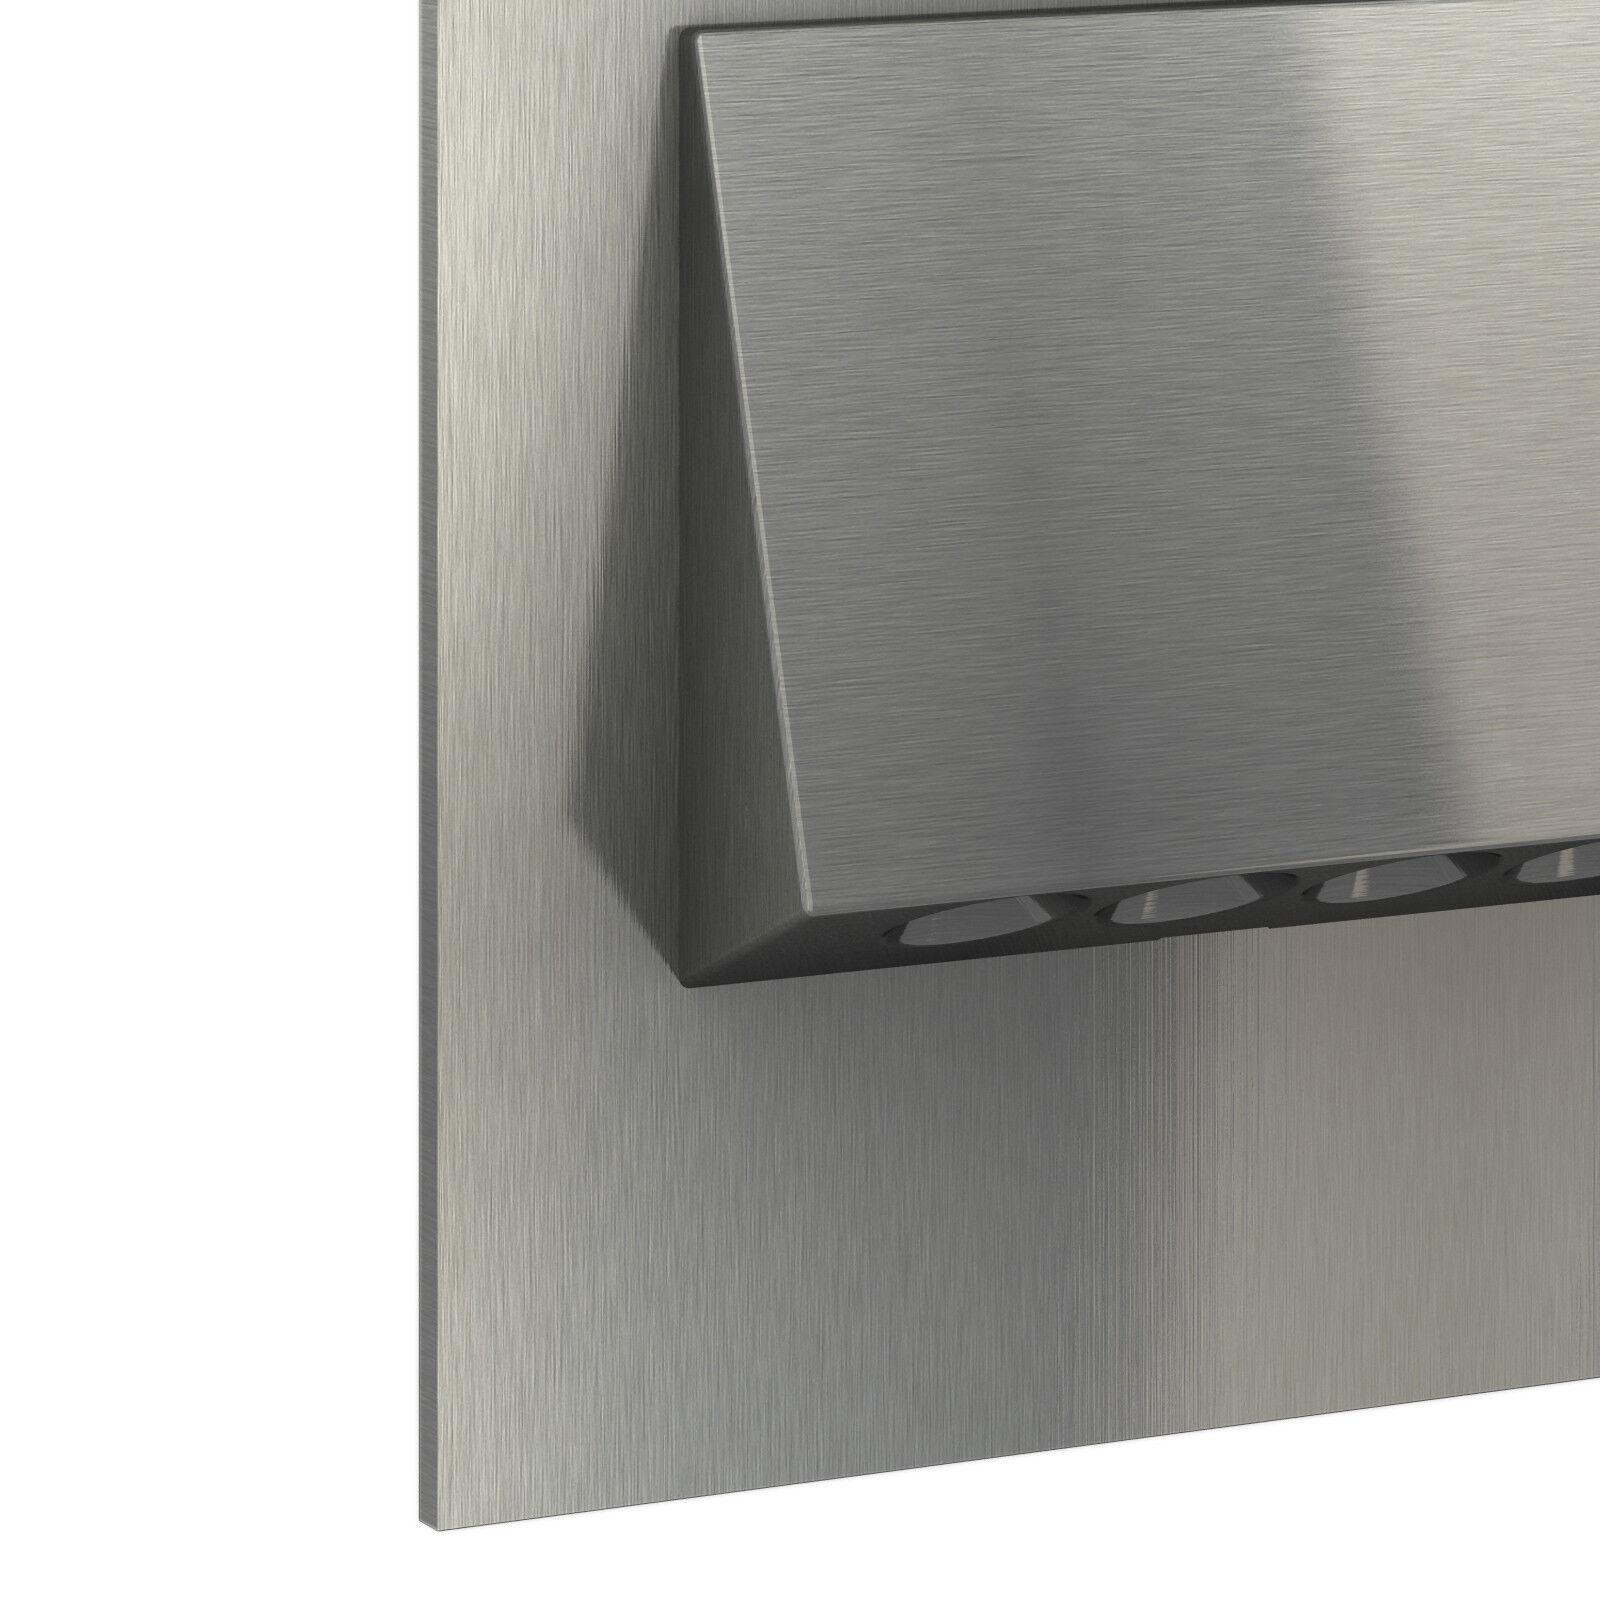 led wandleuchte edelstahl 230v einbau stufen treppen beleuchtung 1 30x teramo eur 36 96. Black Bedroom Furniture Sets. Home Design Ideas